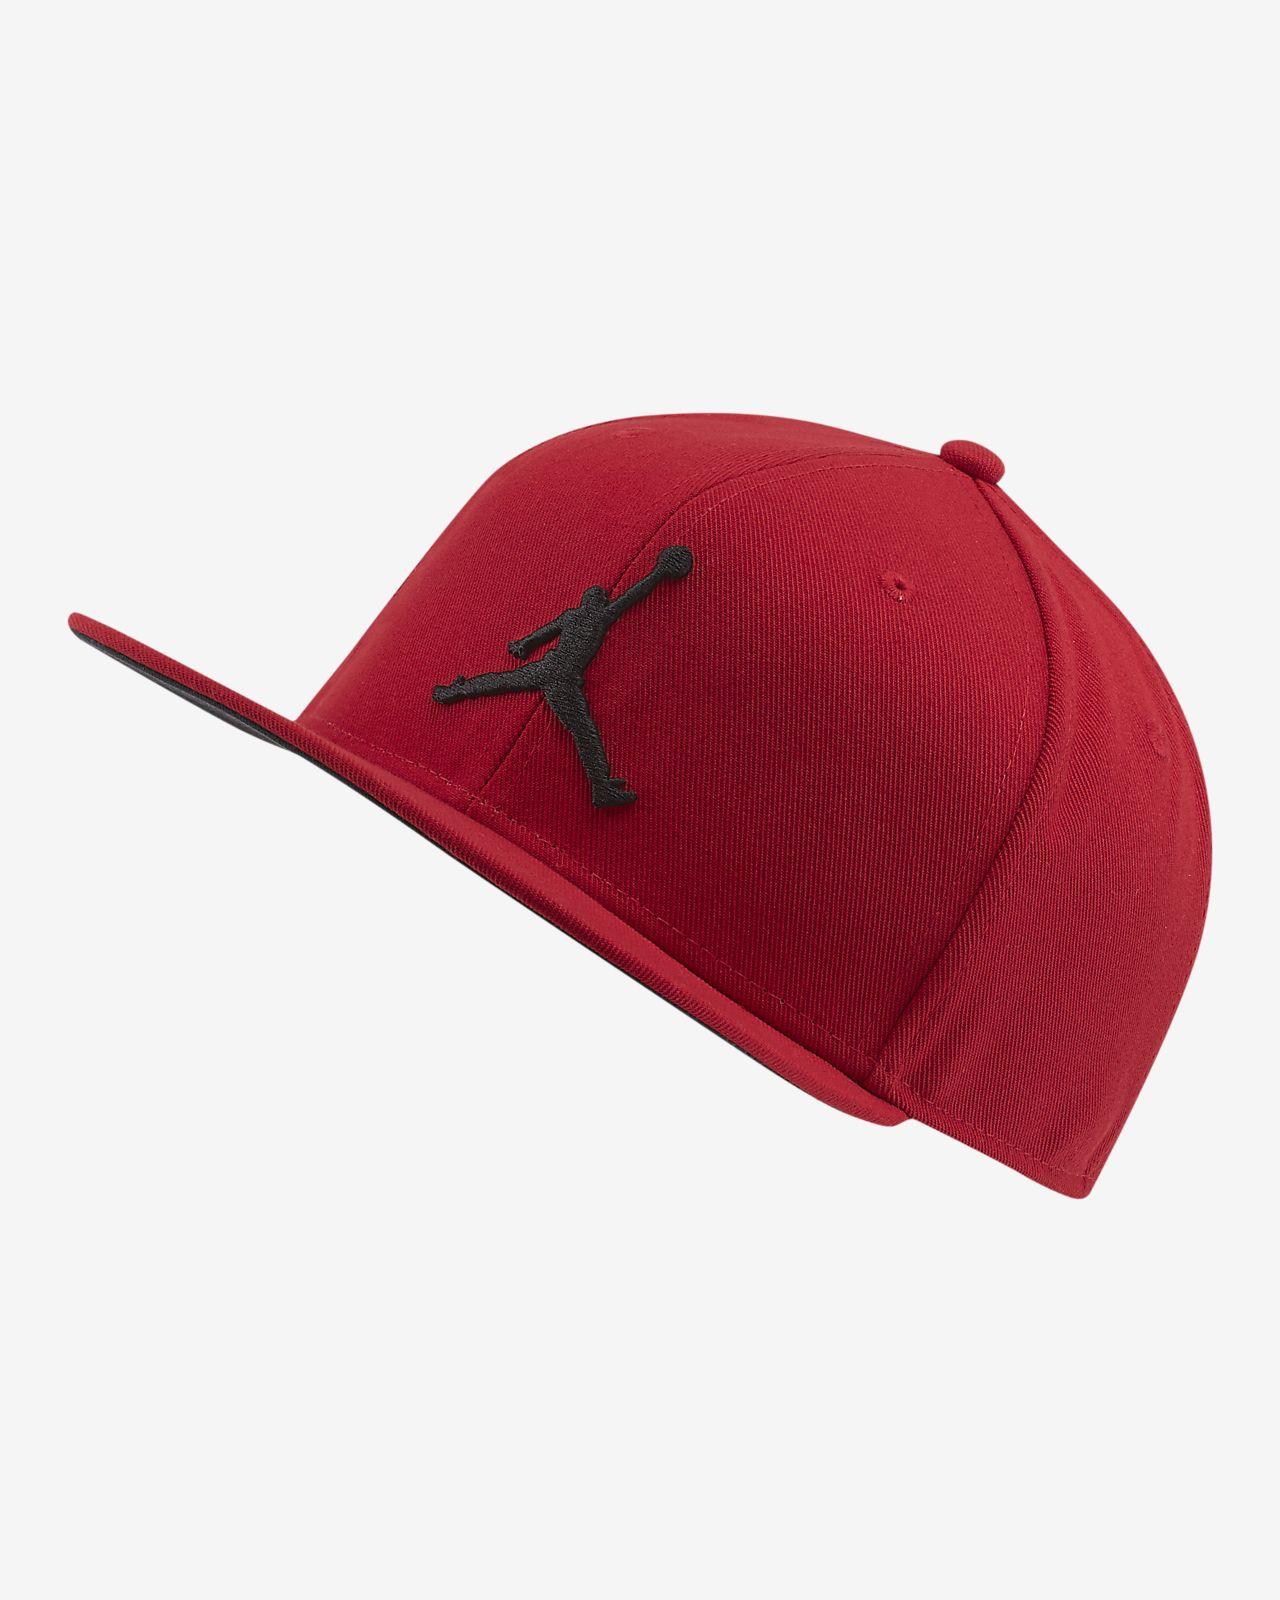 9b540b566 Jordan Pro Jumpman Snapback Hat. Nike.com BE